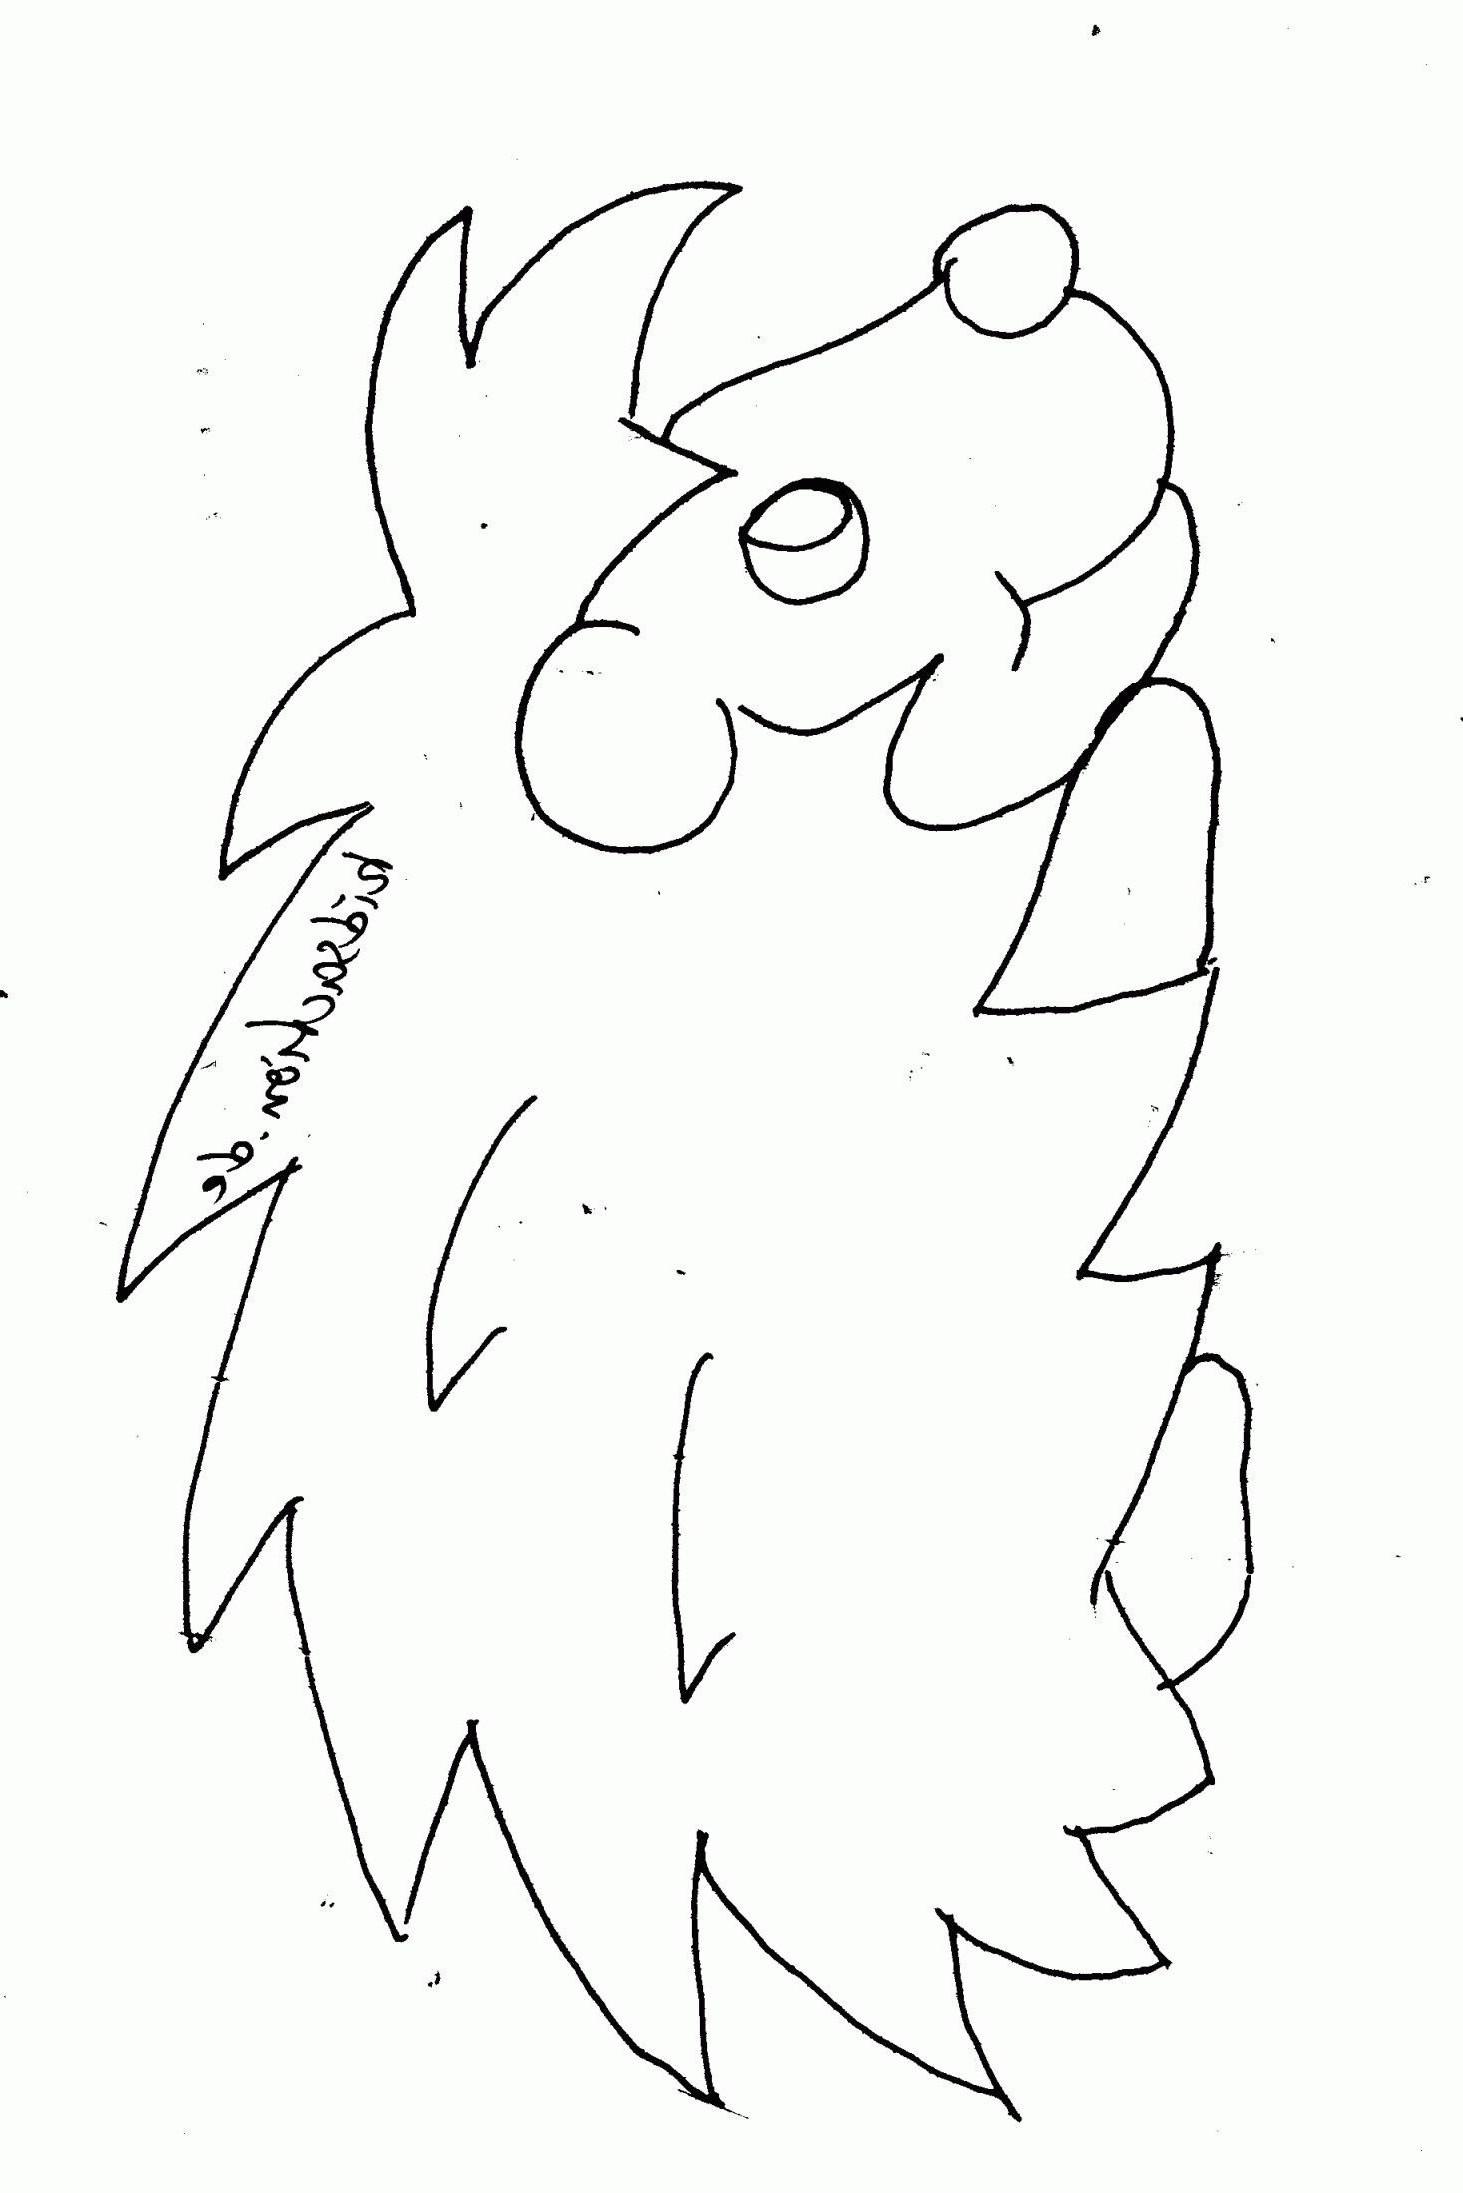 Bilder Zum Ausmalen Minions Das Beste Von 35 Inspirierend Meerjungfrau Bilder Zum Ausmalen – Malvorlagen Ideen Bild